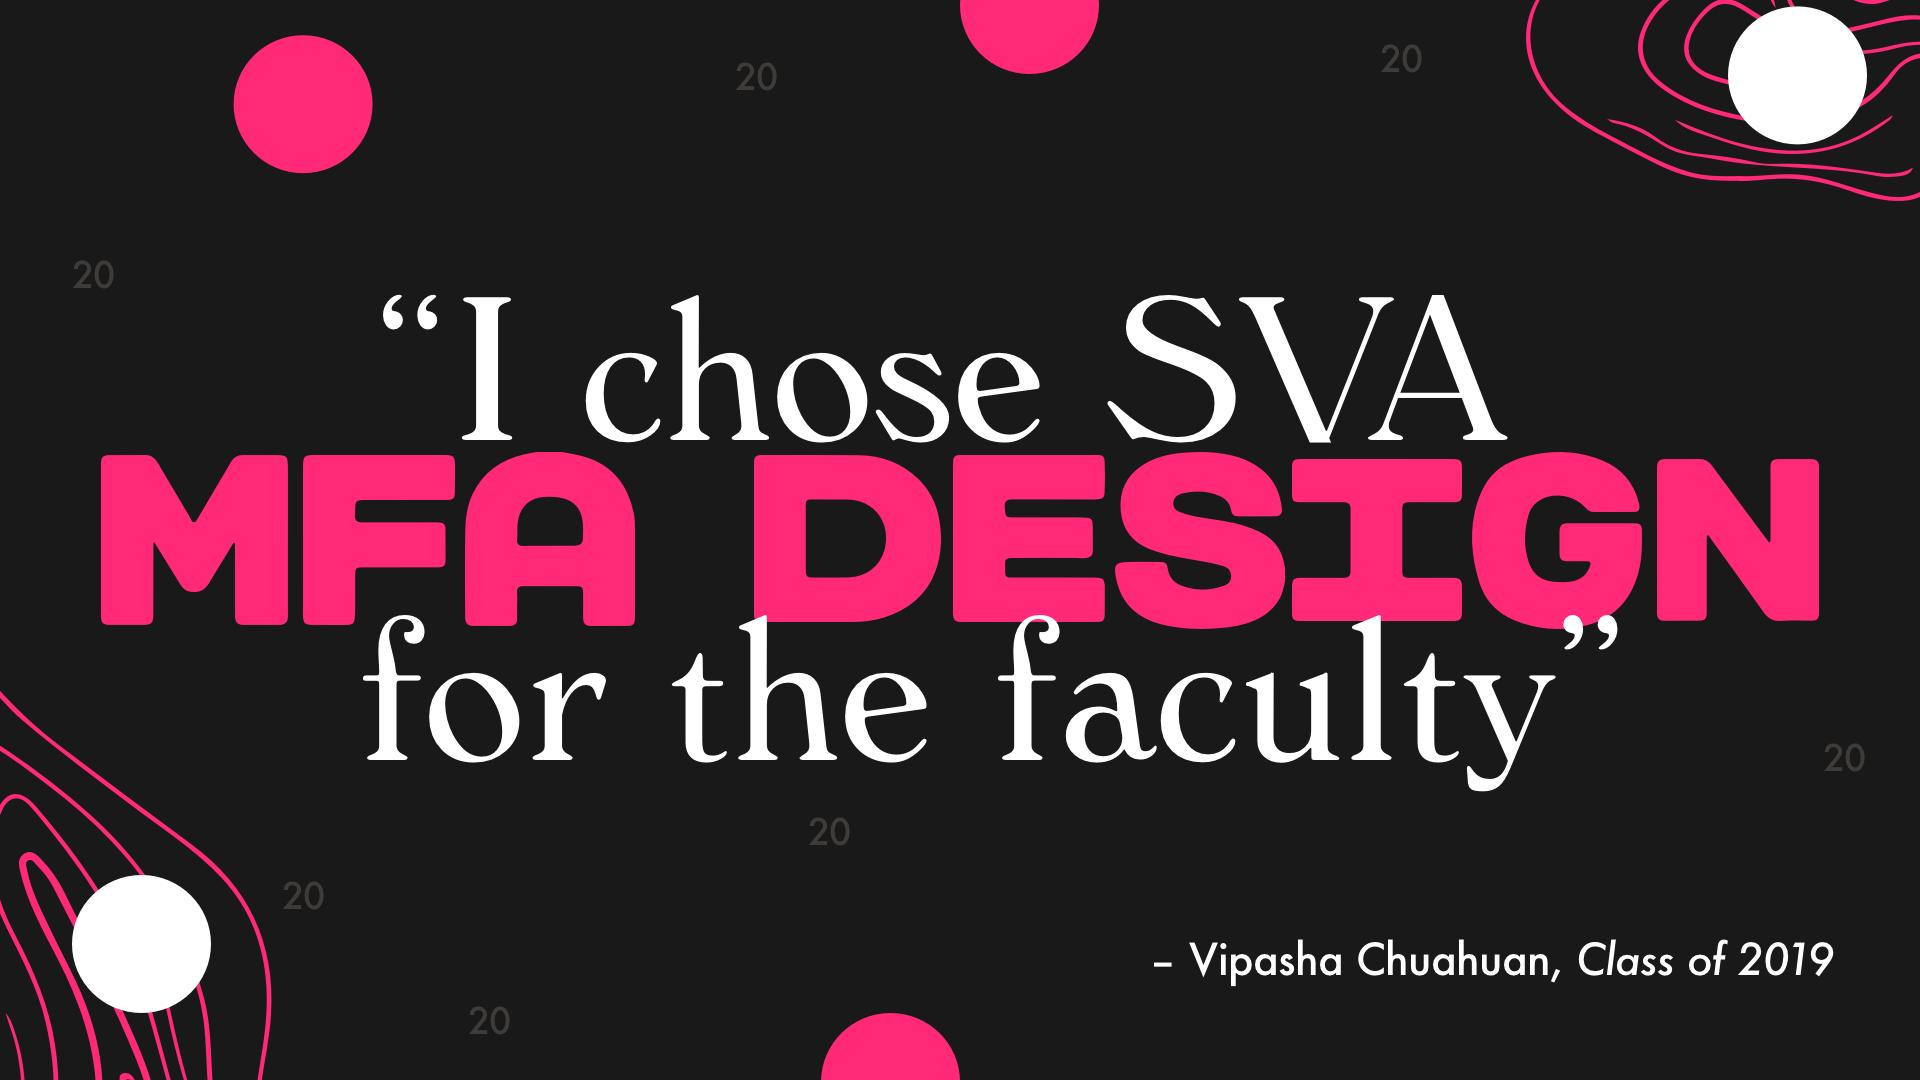 MFA Design faculty